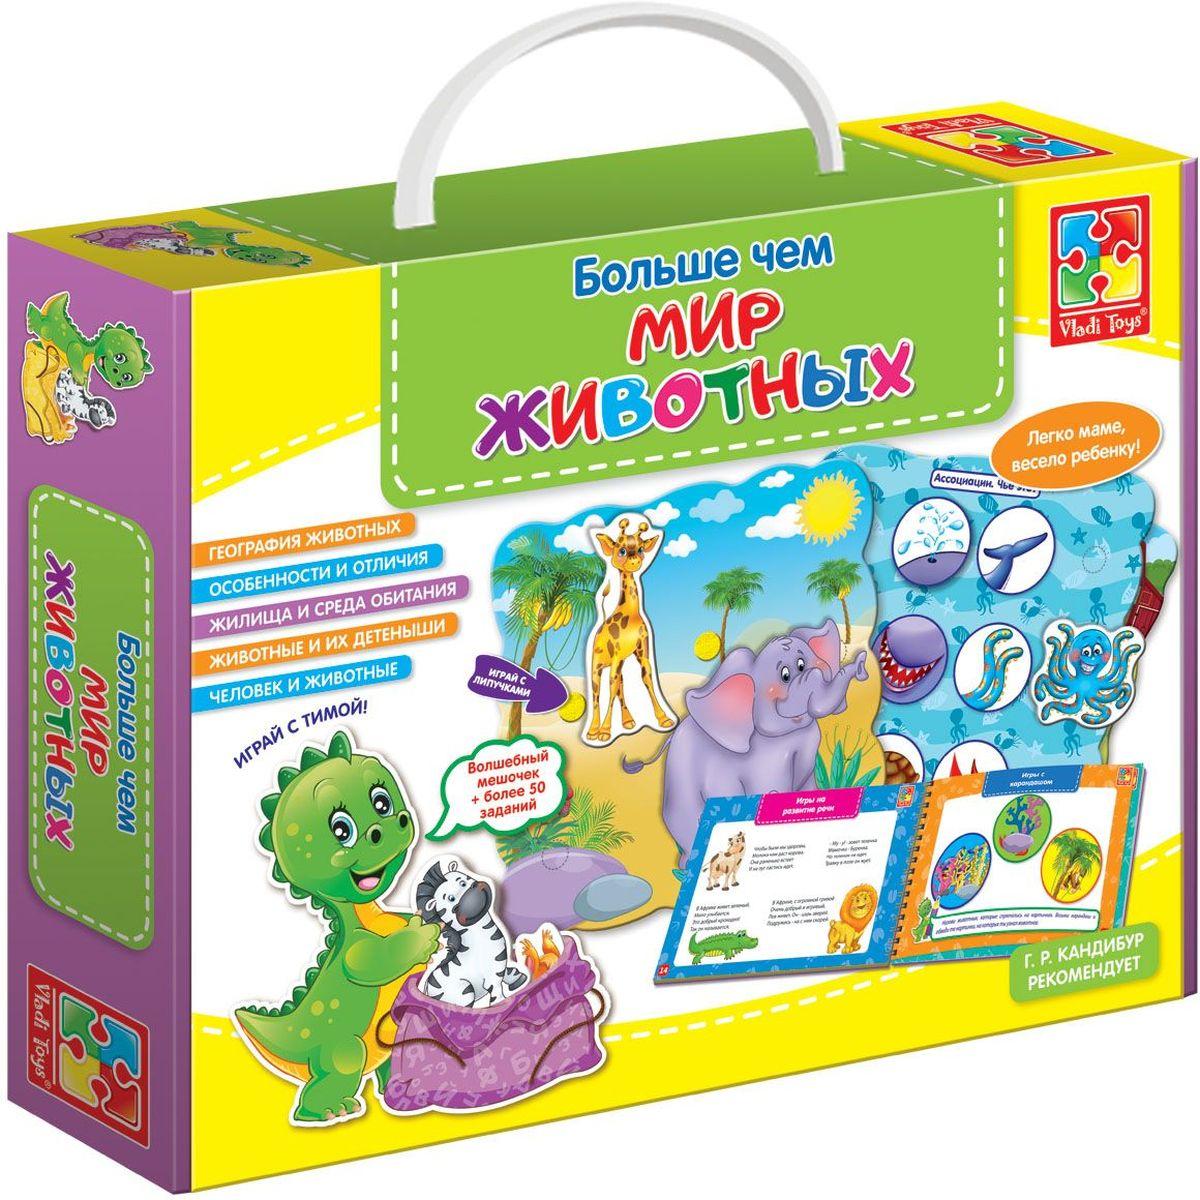 Vladi Toys Обучающая игра Больше чем мир животных vladi toys настольная игра больше чем азбука vladi toys